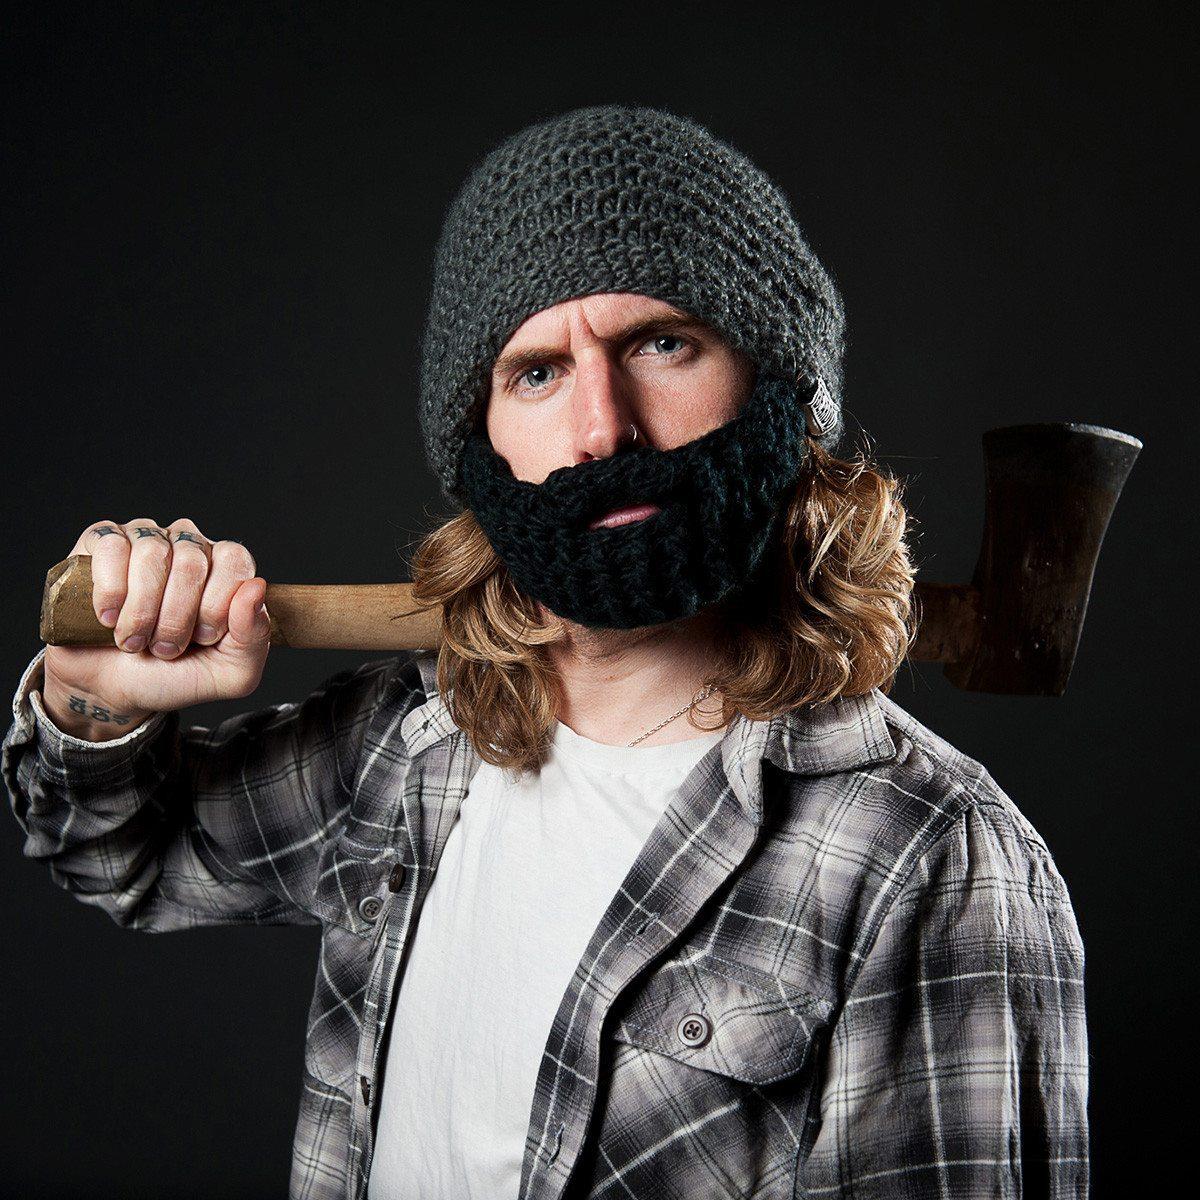 Beardo - Die Mütze mit Bart